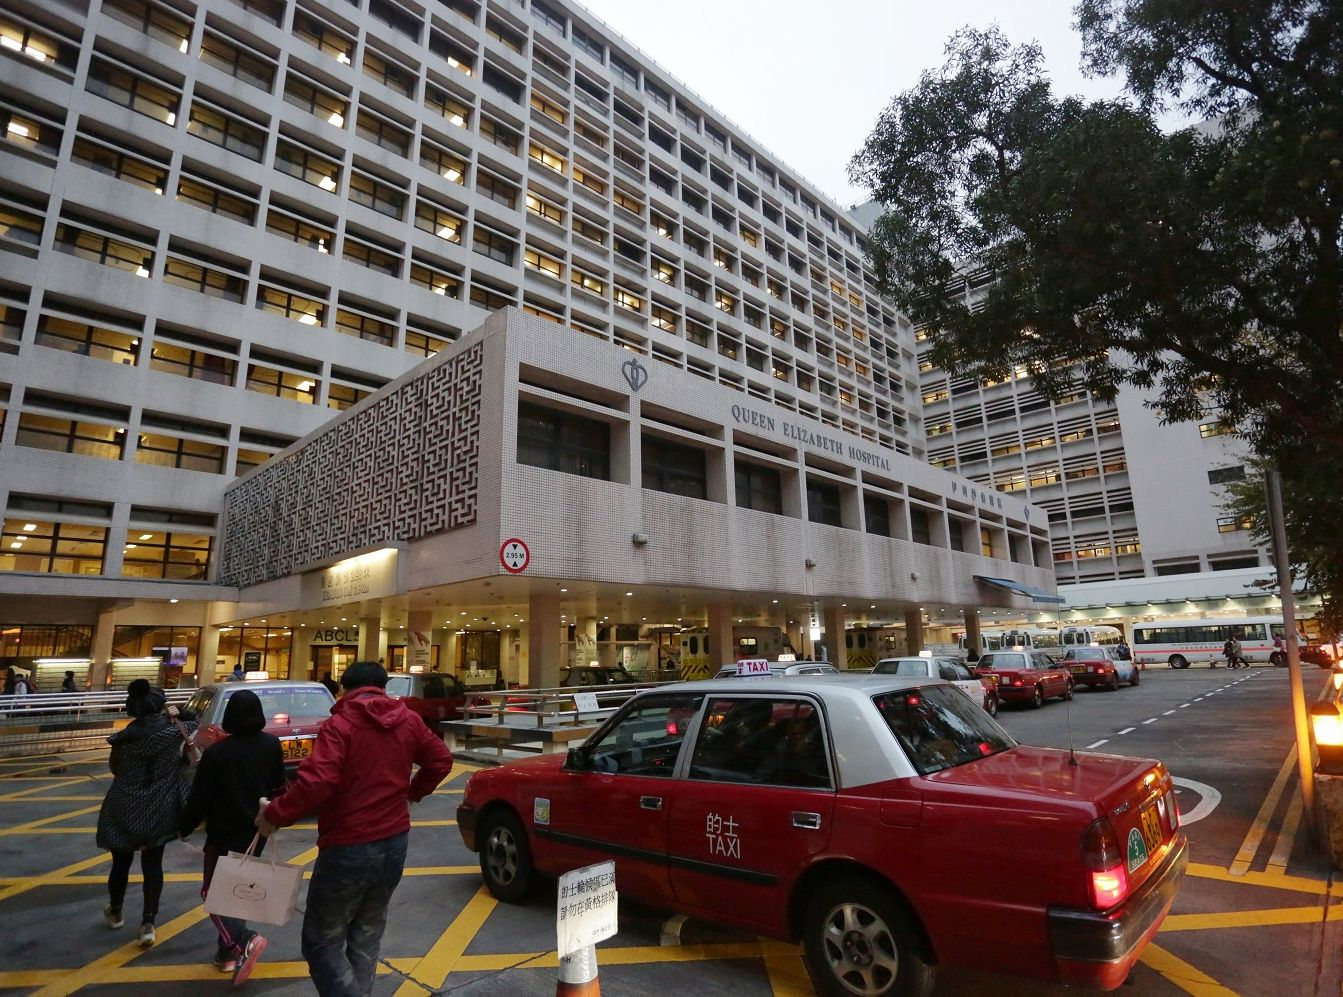 伊利沙伯醫院已根據既定指引加強感染控制措施。資料圖片